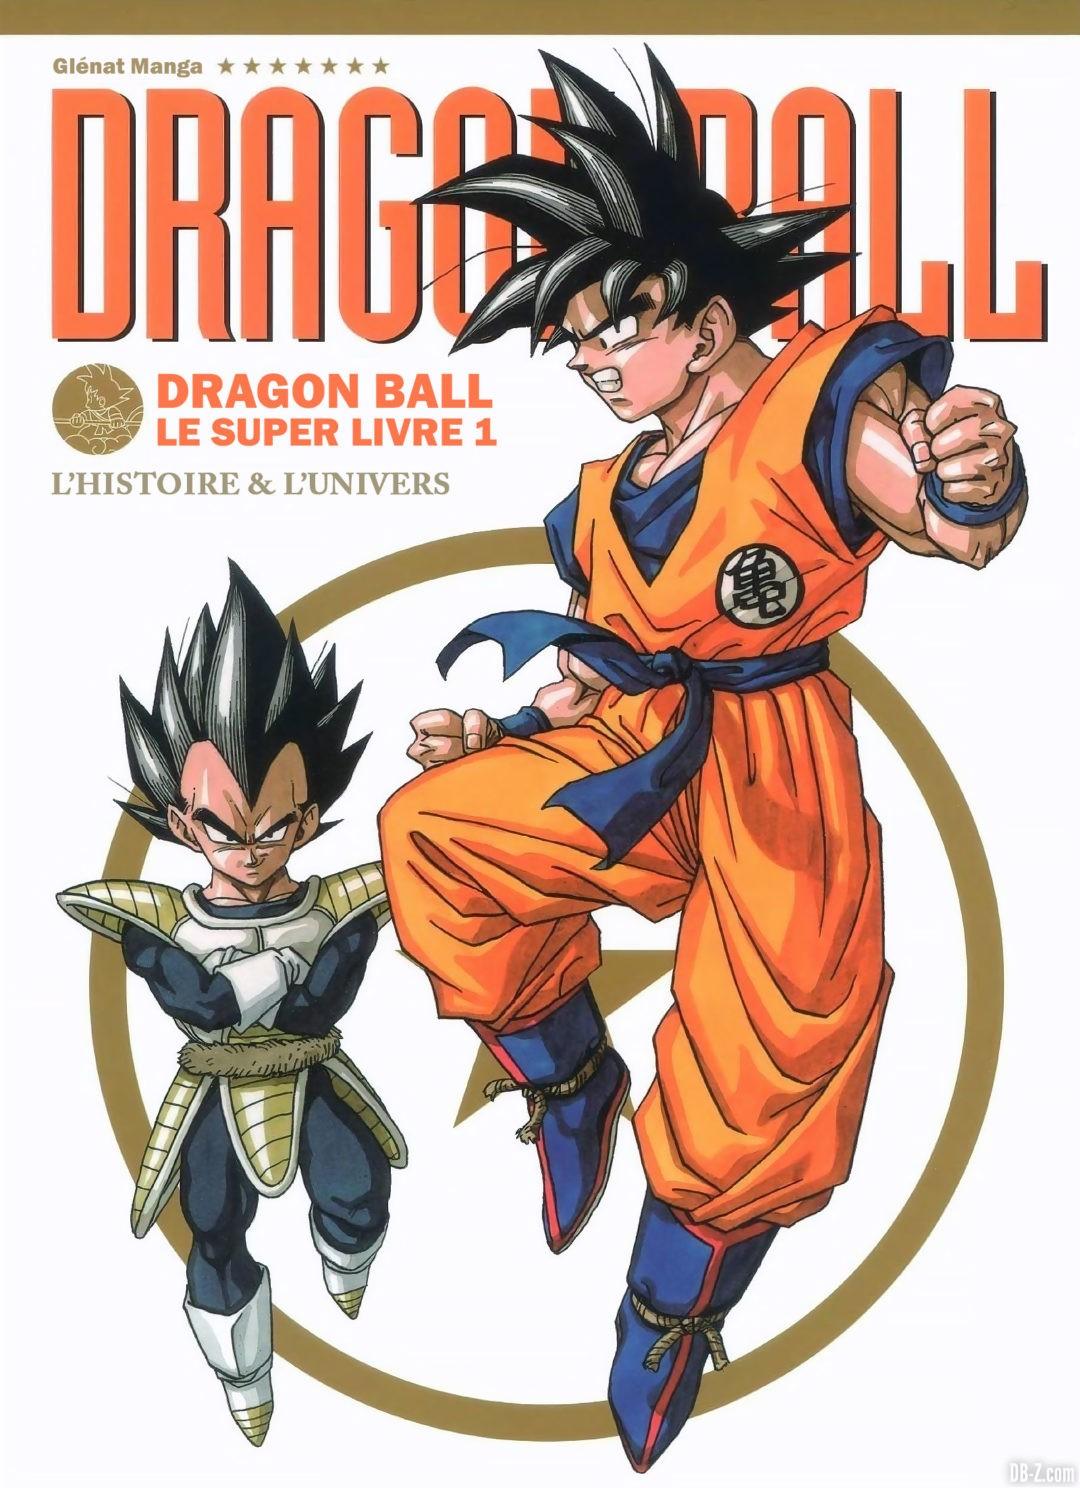 Dragon Ball Le Super Livre Tome 1 Histoire et Univers